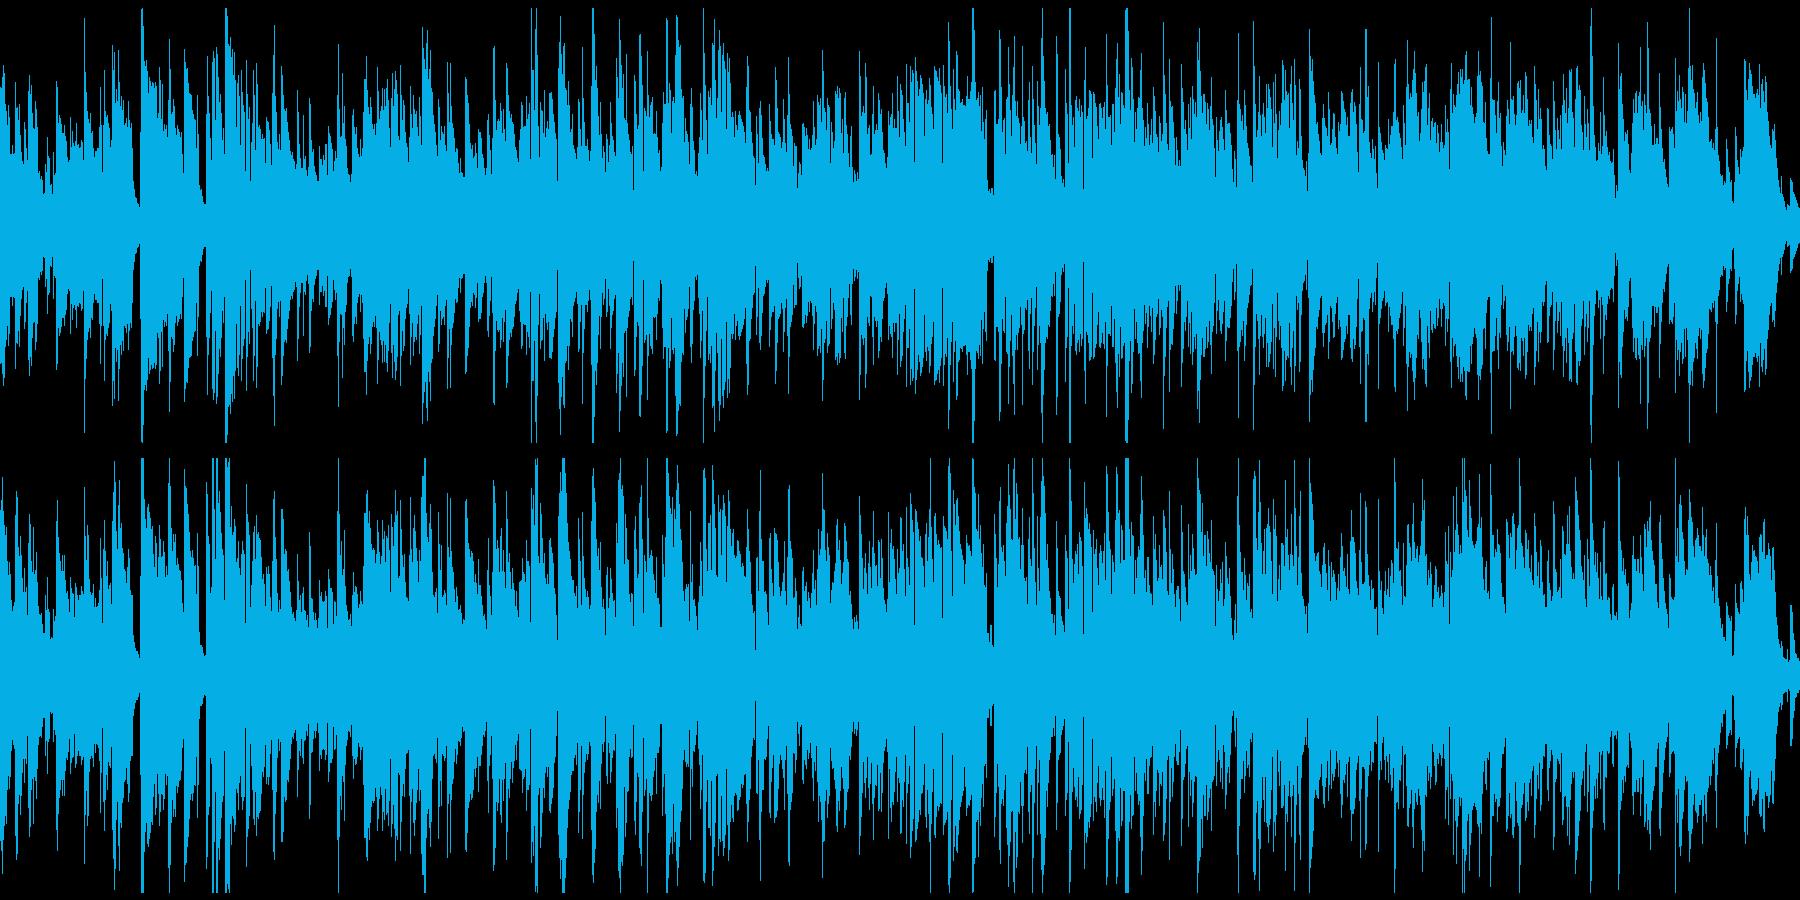 ロマンチックなジャズワルツ ※ループ版の再生済みの波形